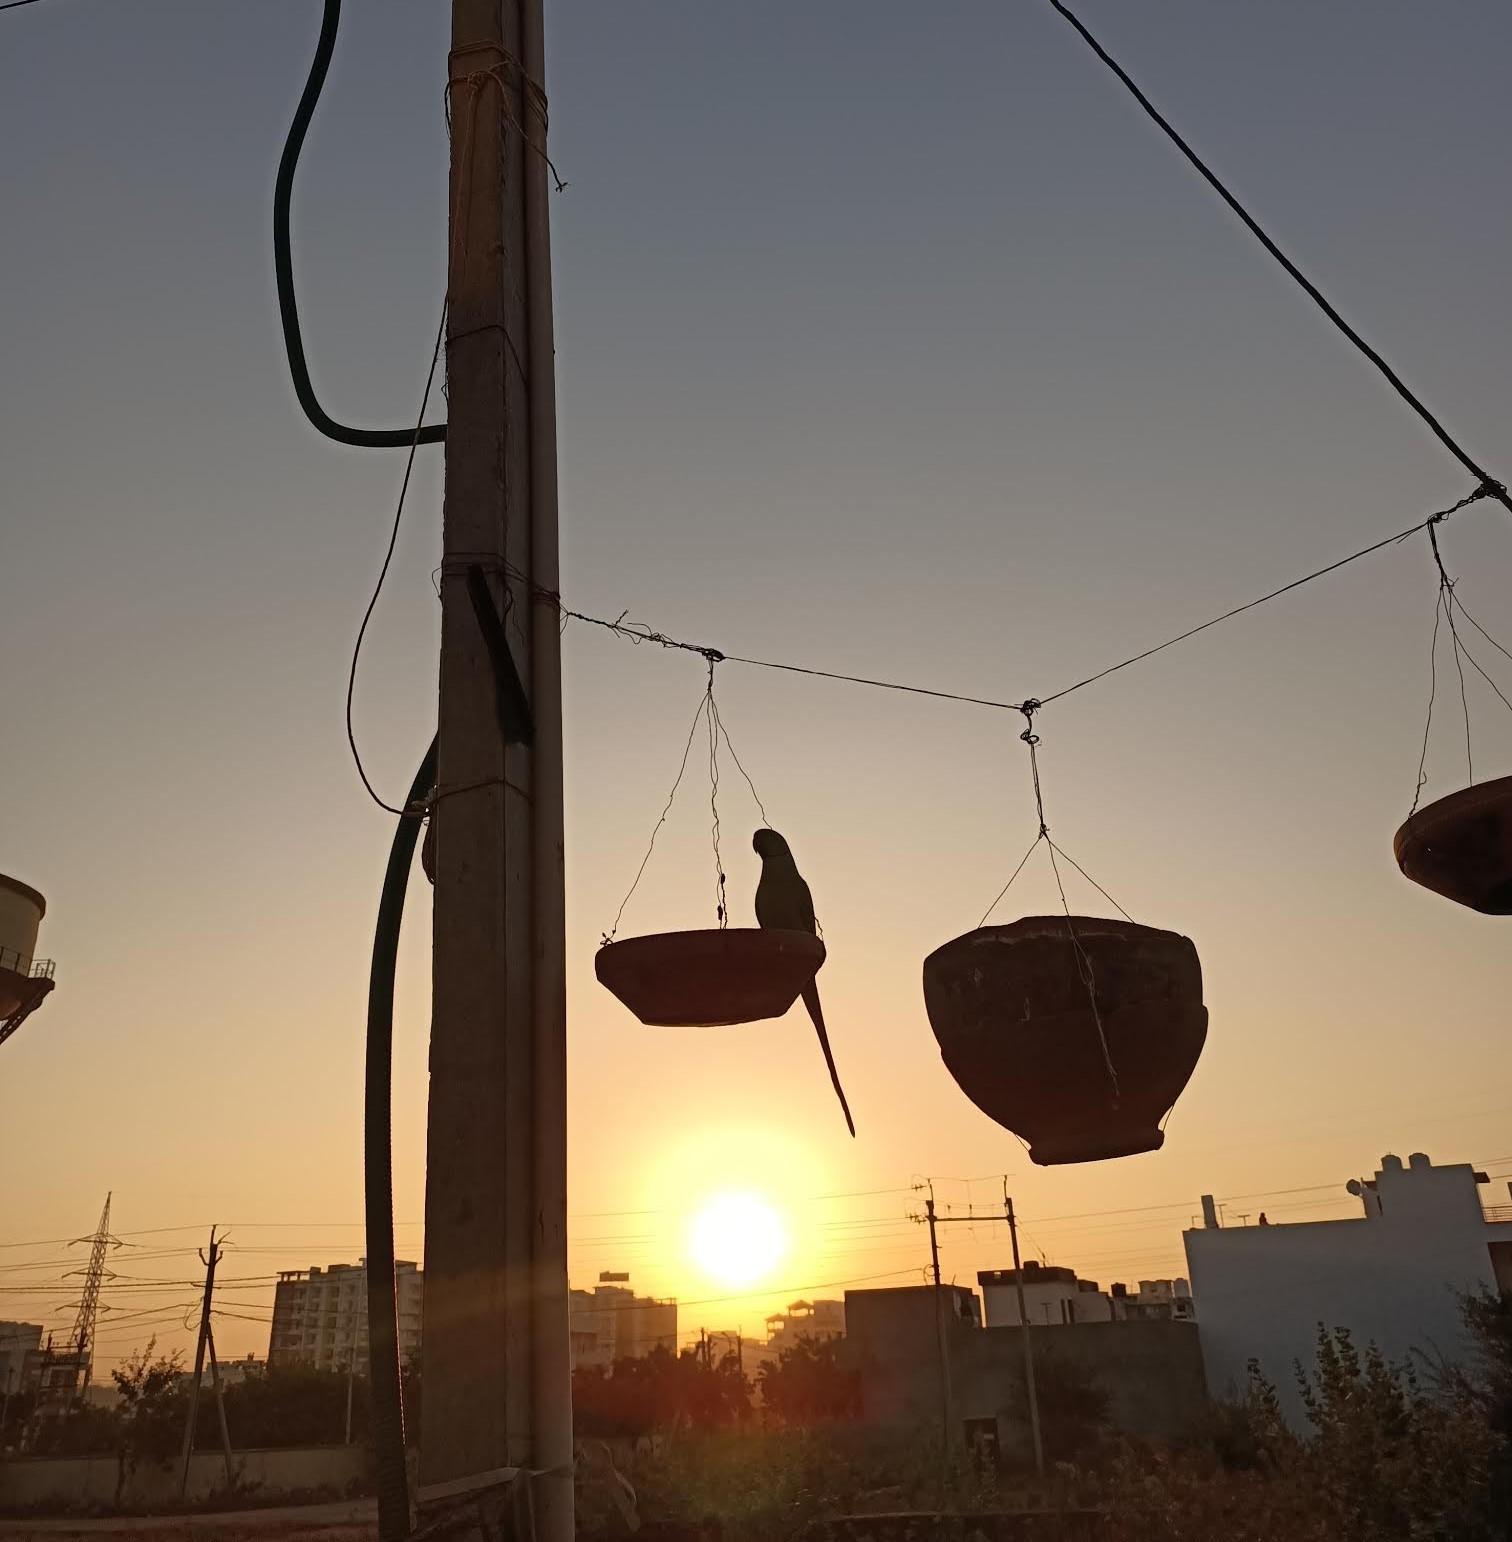 parakeet morning meanderings